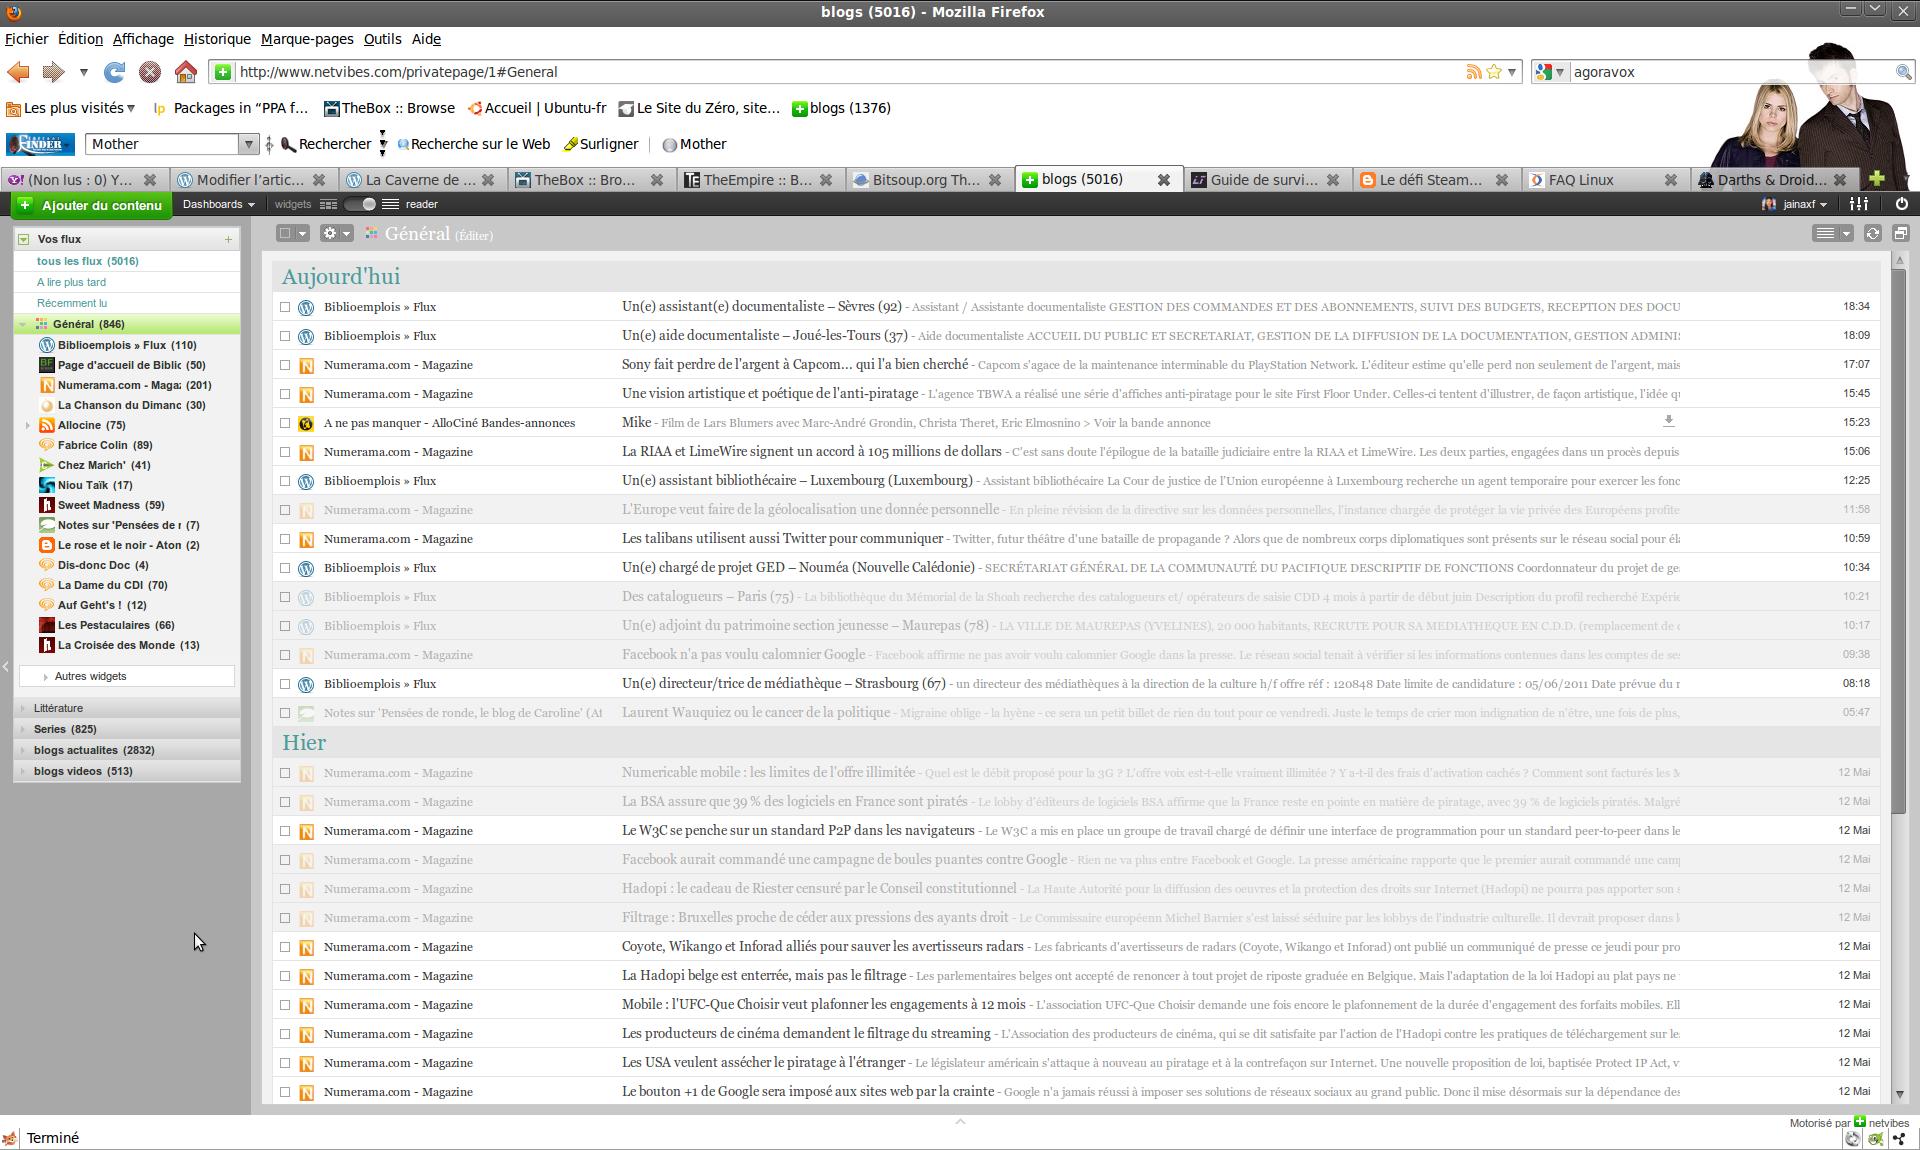 Presque nouveau lecteur RSS, KrISS feed est vraiment tout